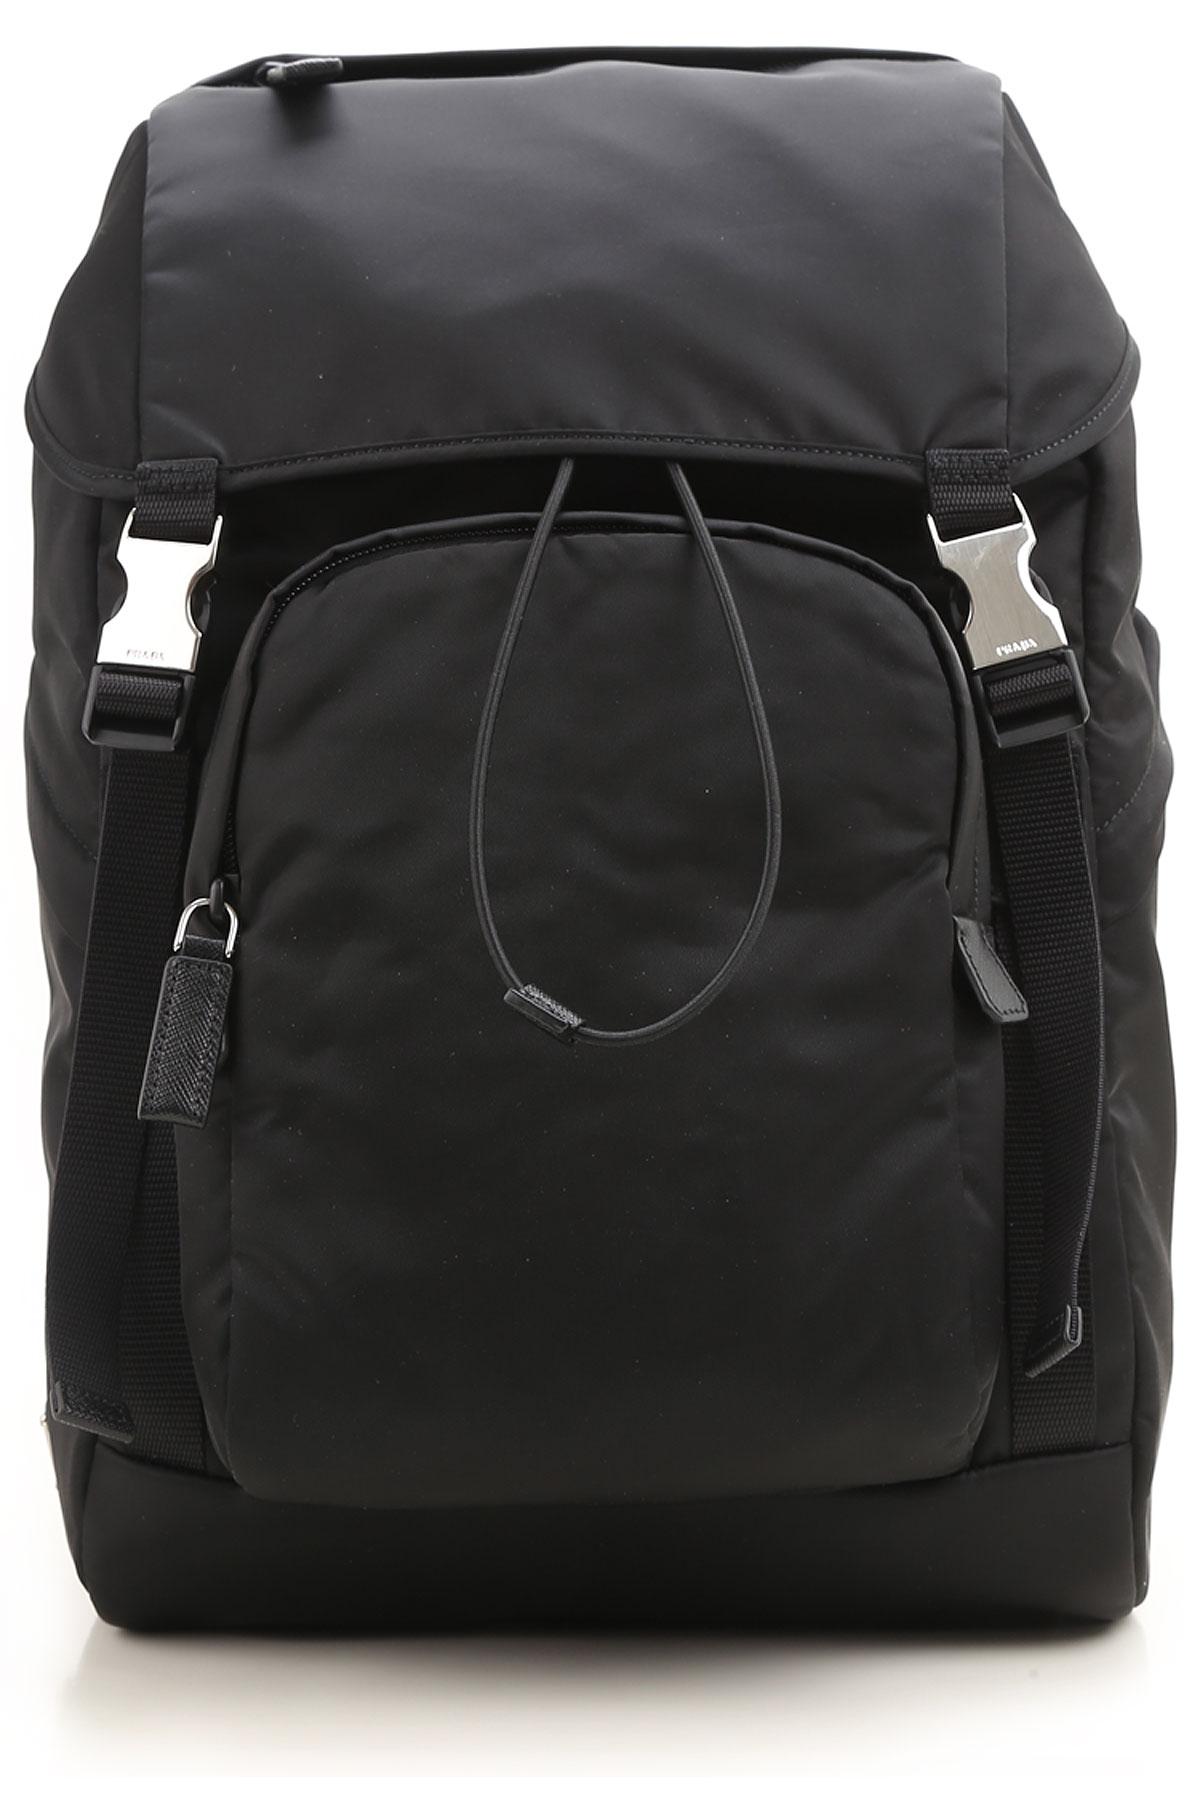 Image of Prada Backpack for Men, Black, Nylon, 2017